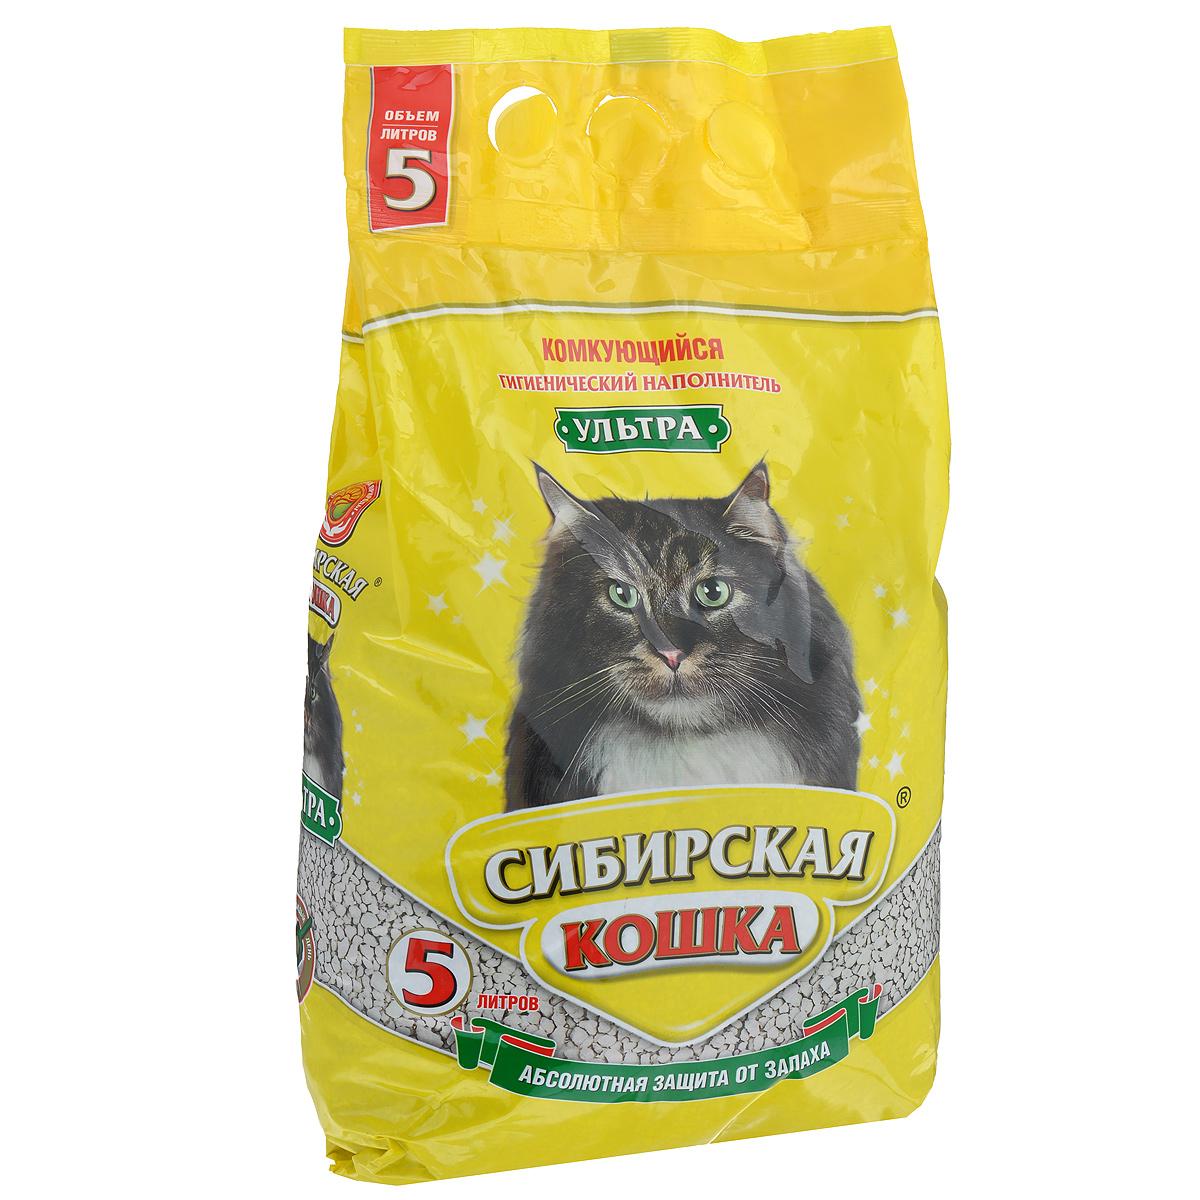 Наполнитель для кошачьих туалетов Сибирская Кошка Ультра, комкующийся, 5 л наполнитель для кошачьих туалетов кошкин секрет древесный 2 5 кг